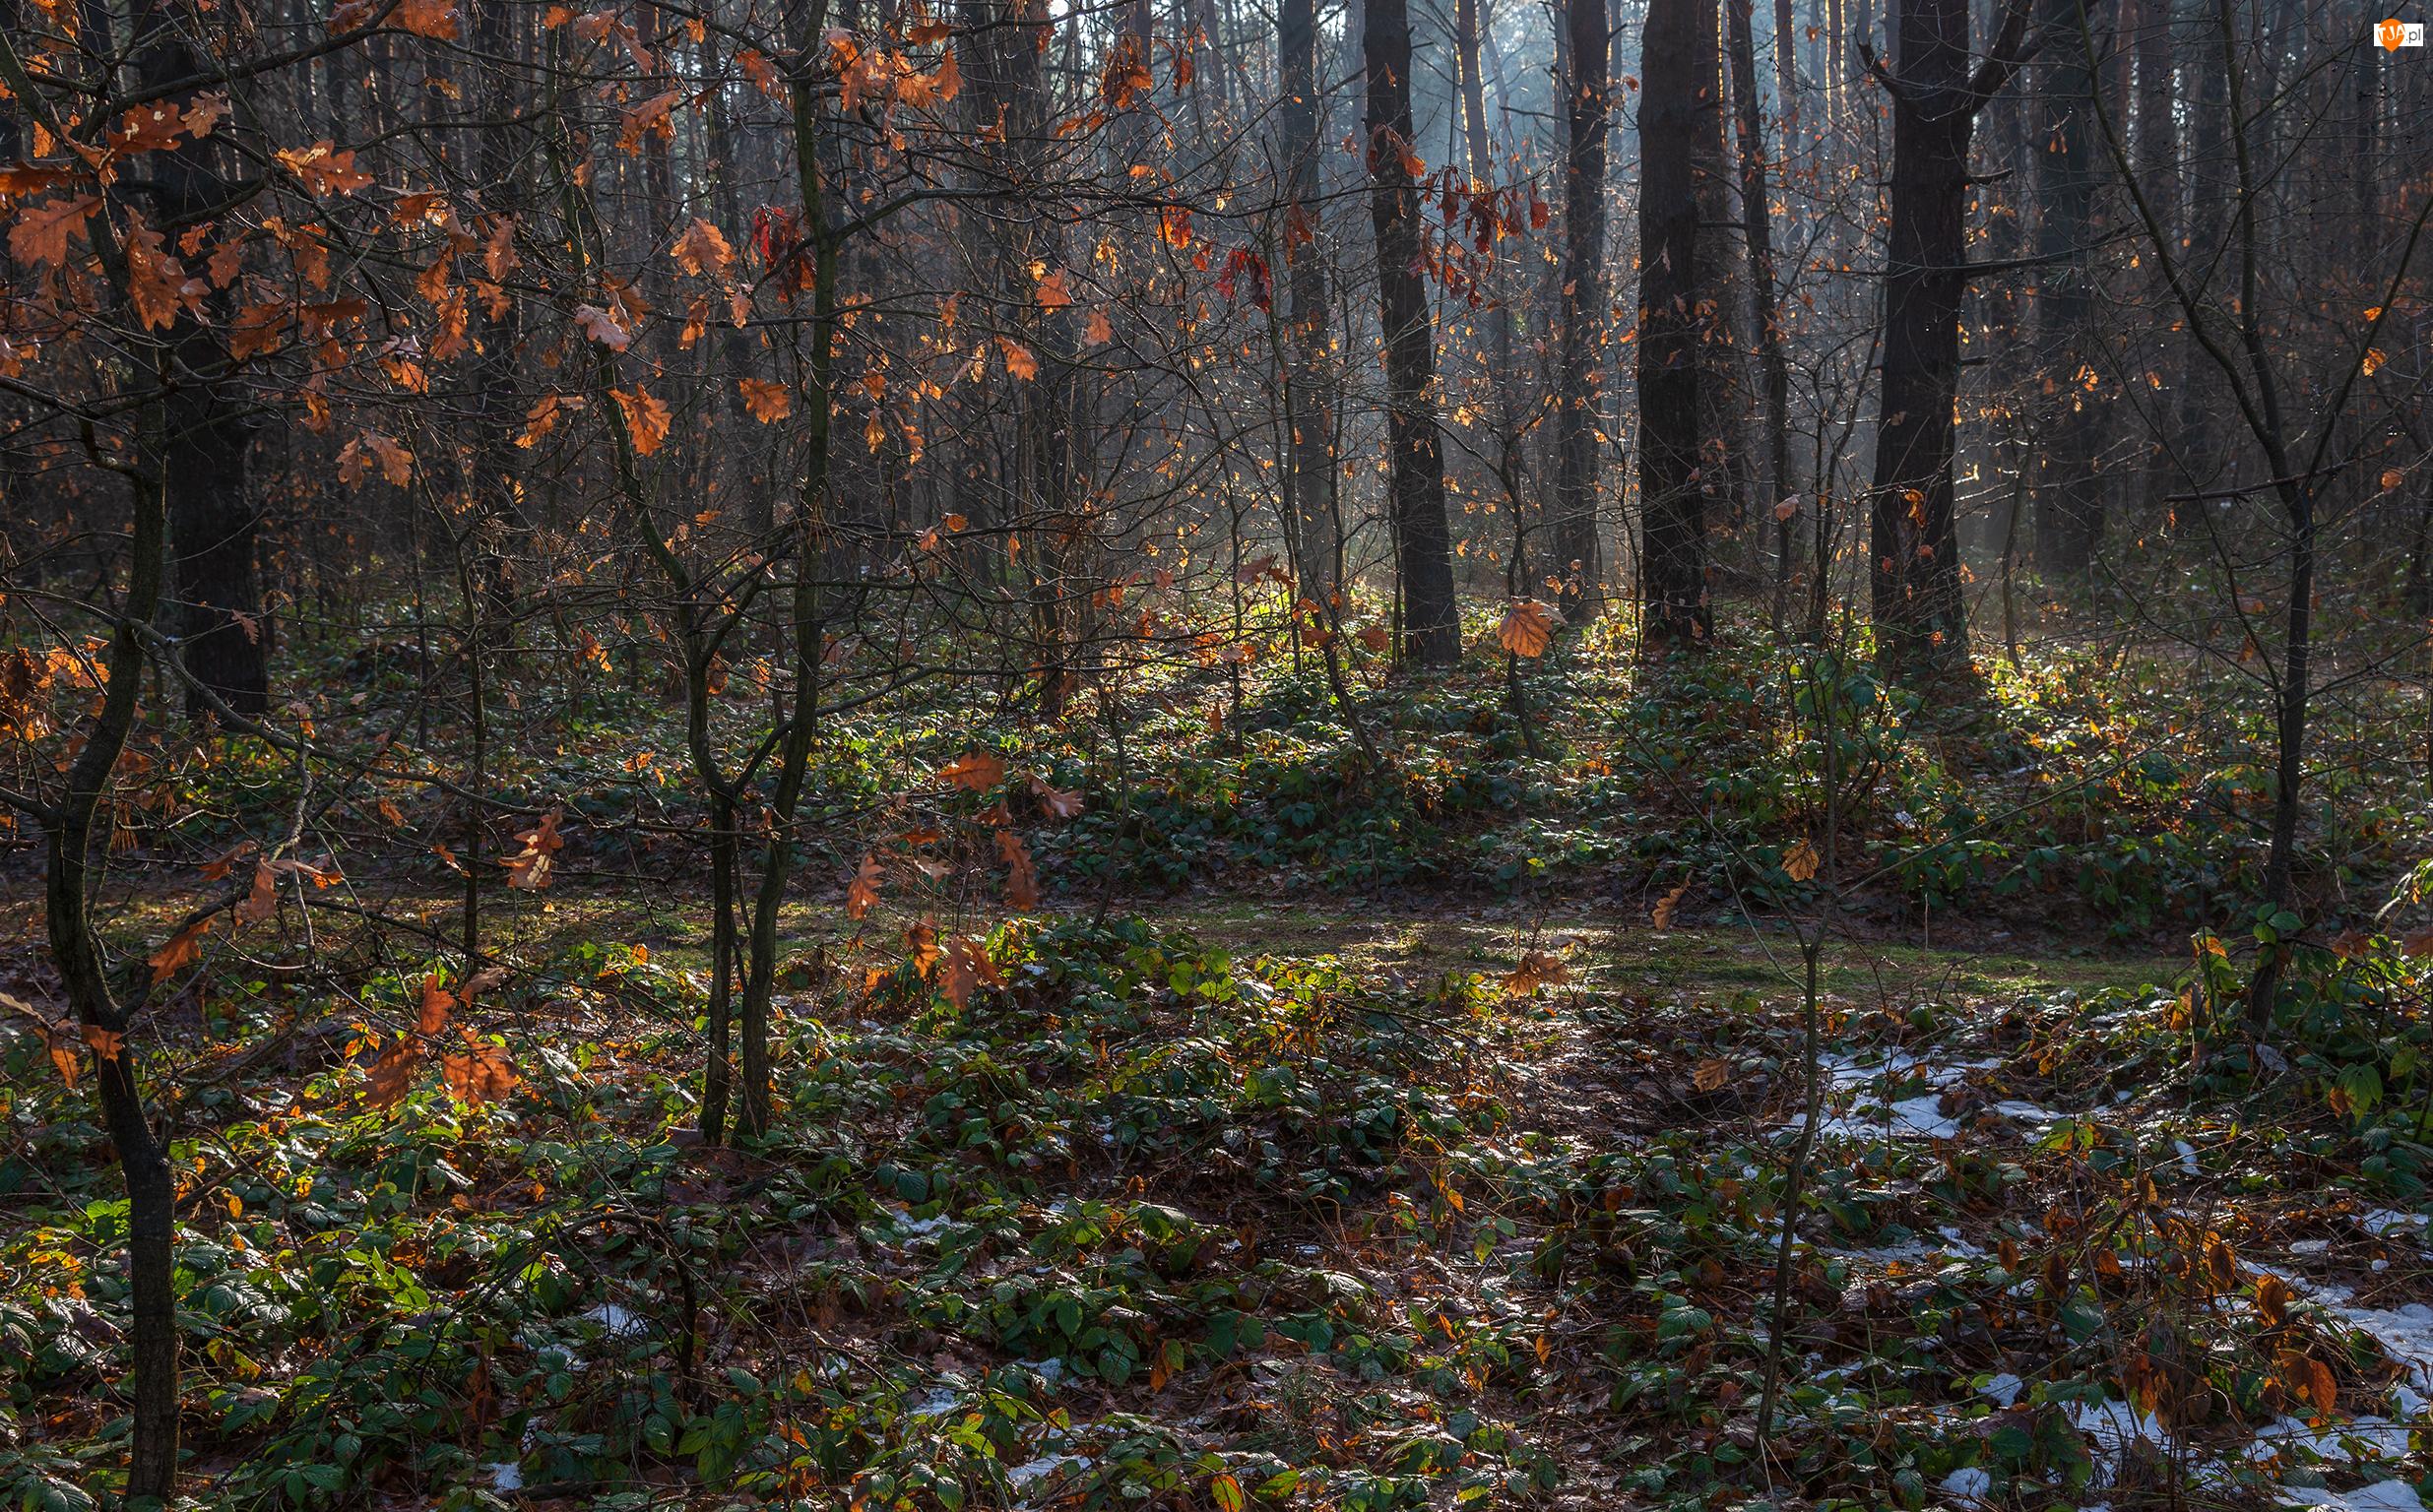 Brązowe, Jesień, Drzewa, Las, Liście